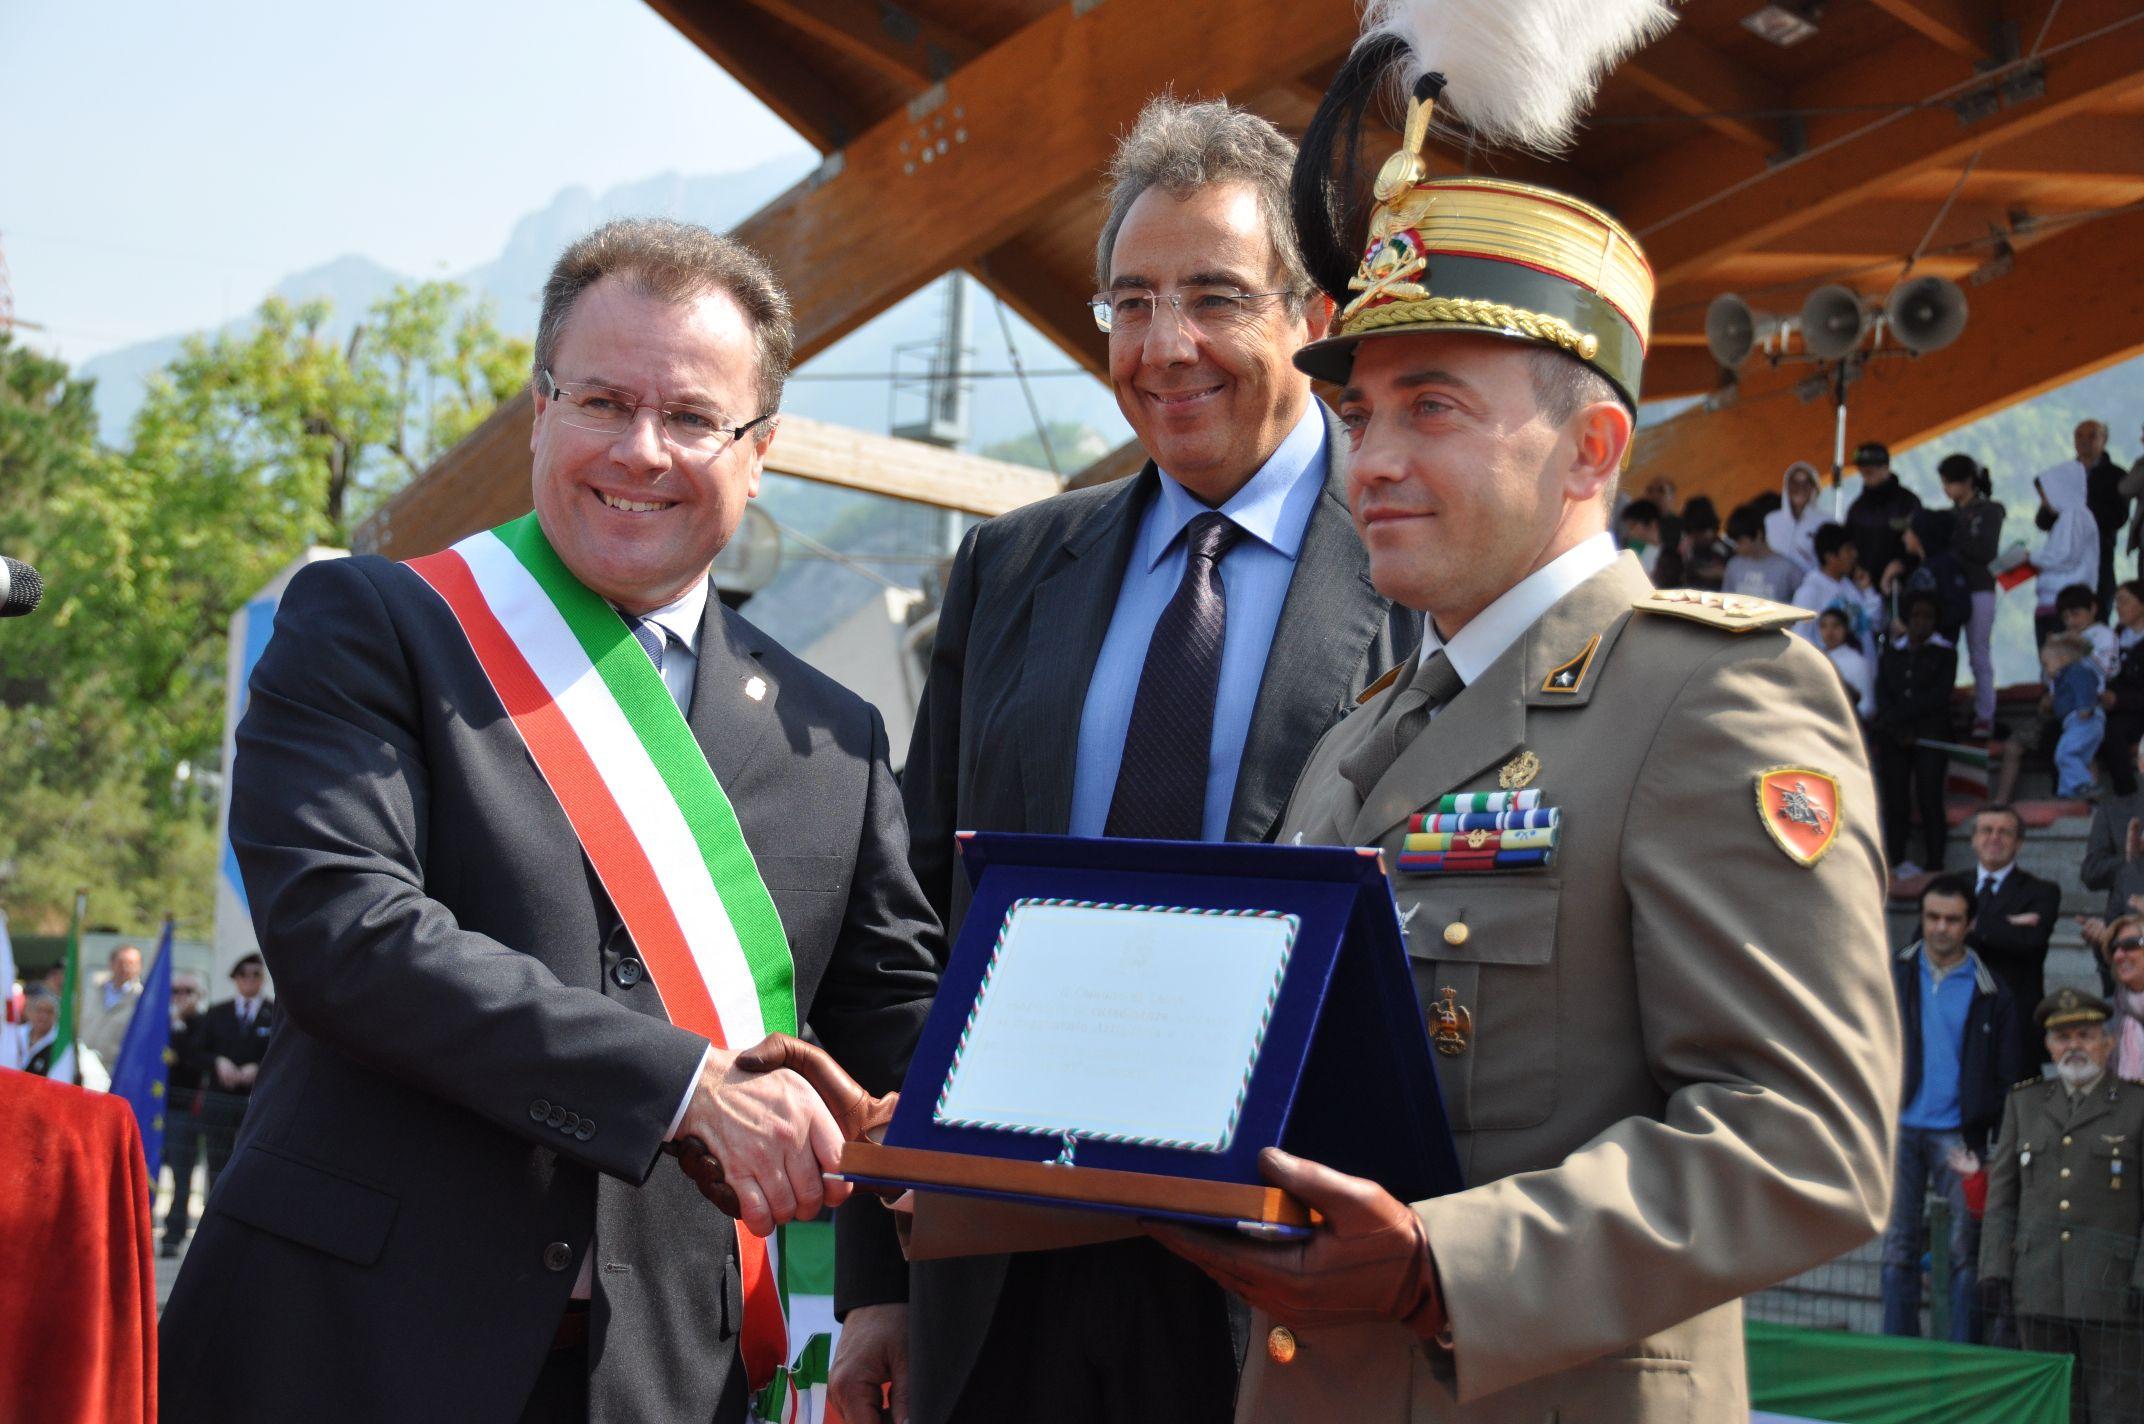 Conferimento alle Voloire della cittadinanza onoraria di Lecco